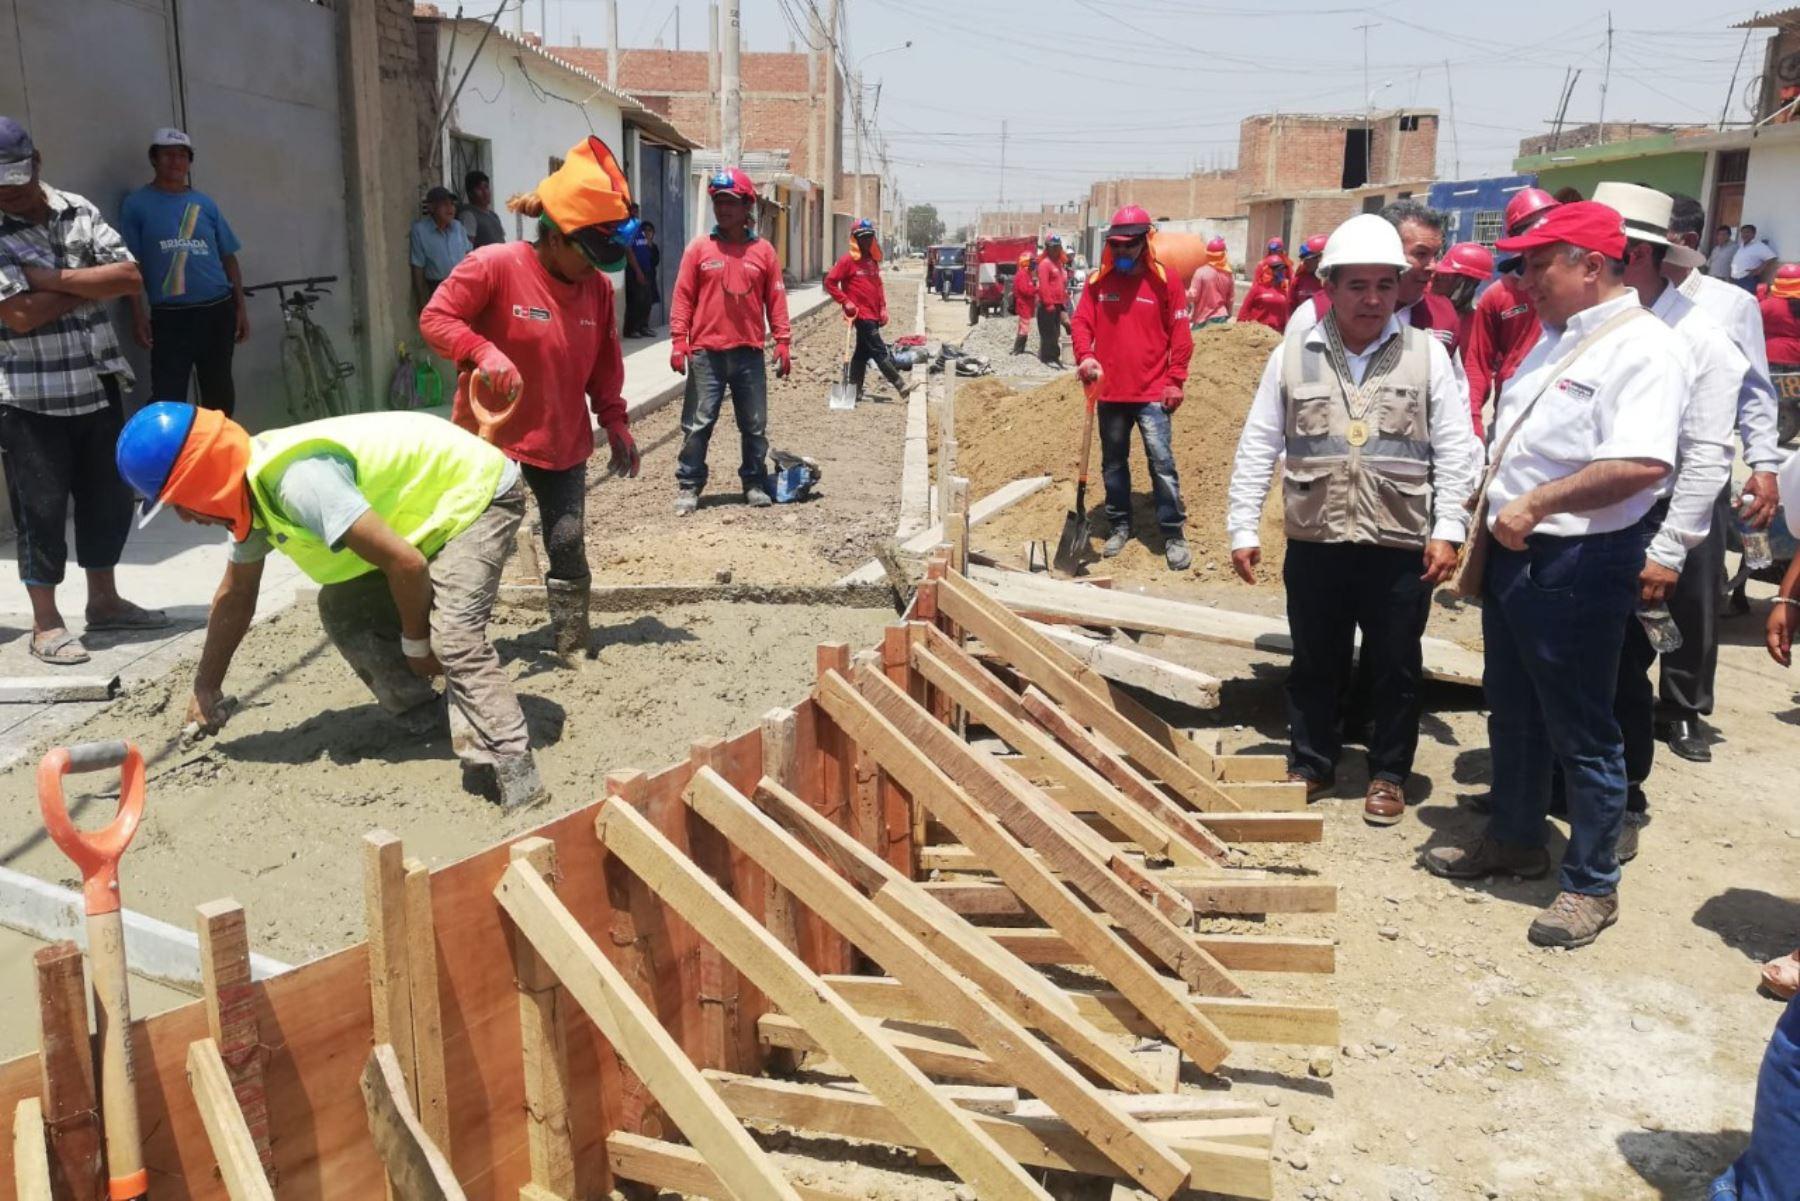 El viceministro de Promoción del Empleo y Capacitación Laboral, Javier Palacios, supervisó tres proyectos del programa Trabaja Perú, que generan 185 empleos temporales en Lambayeque.